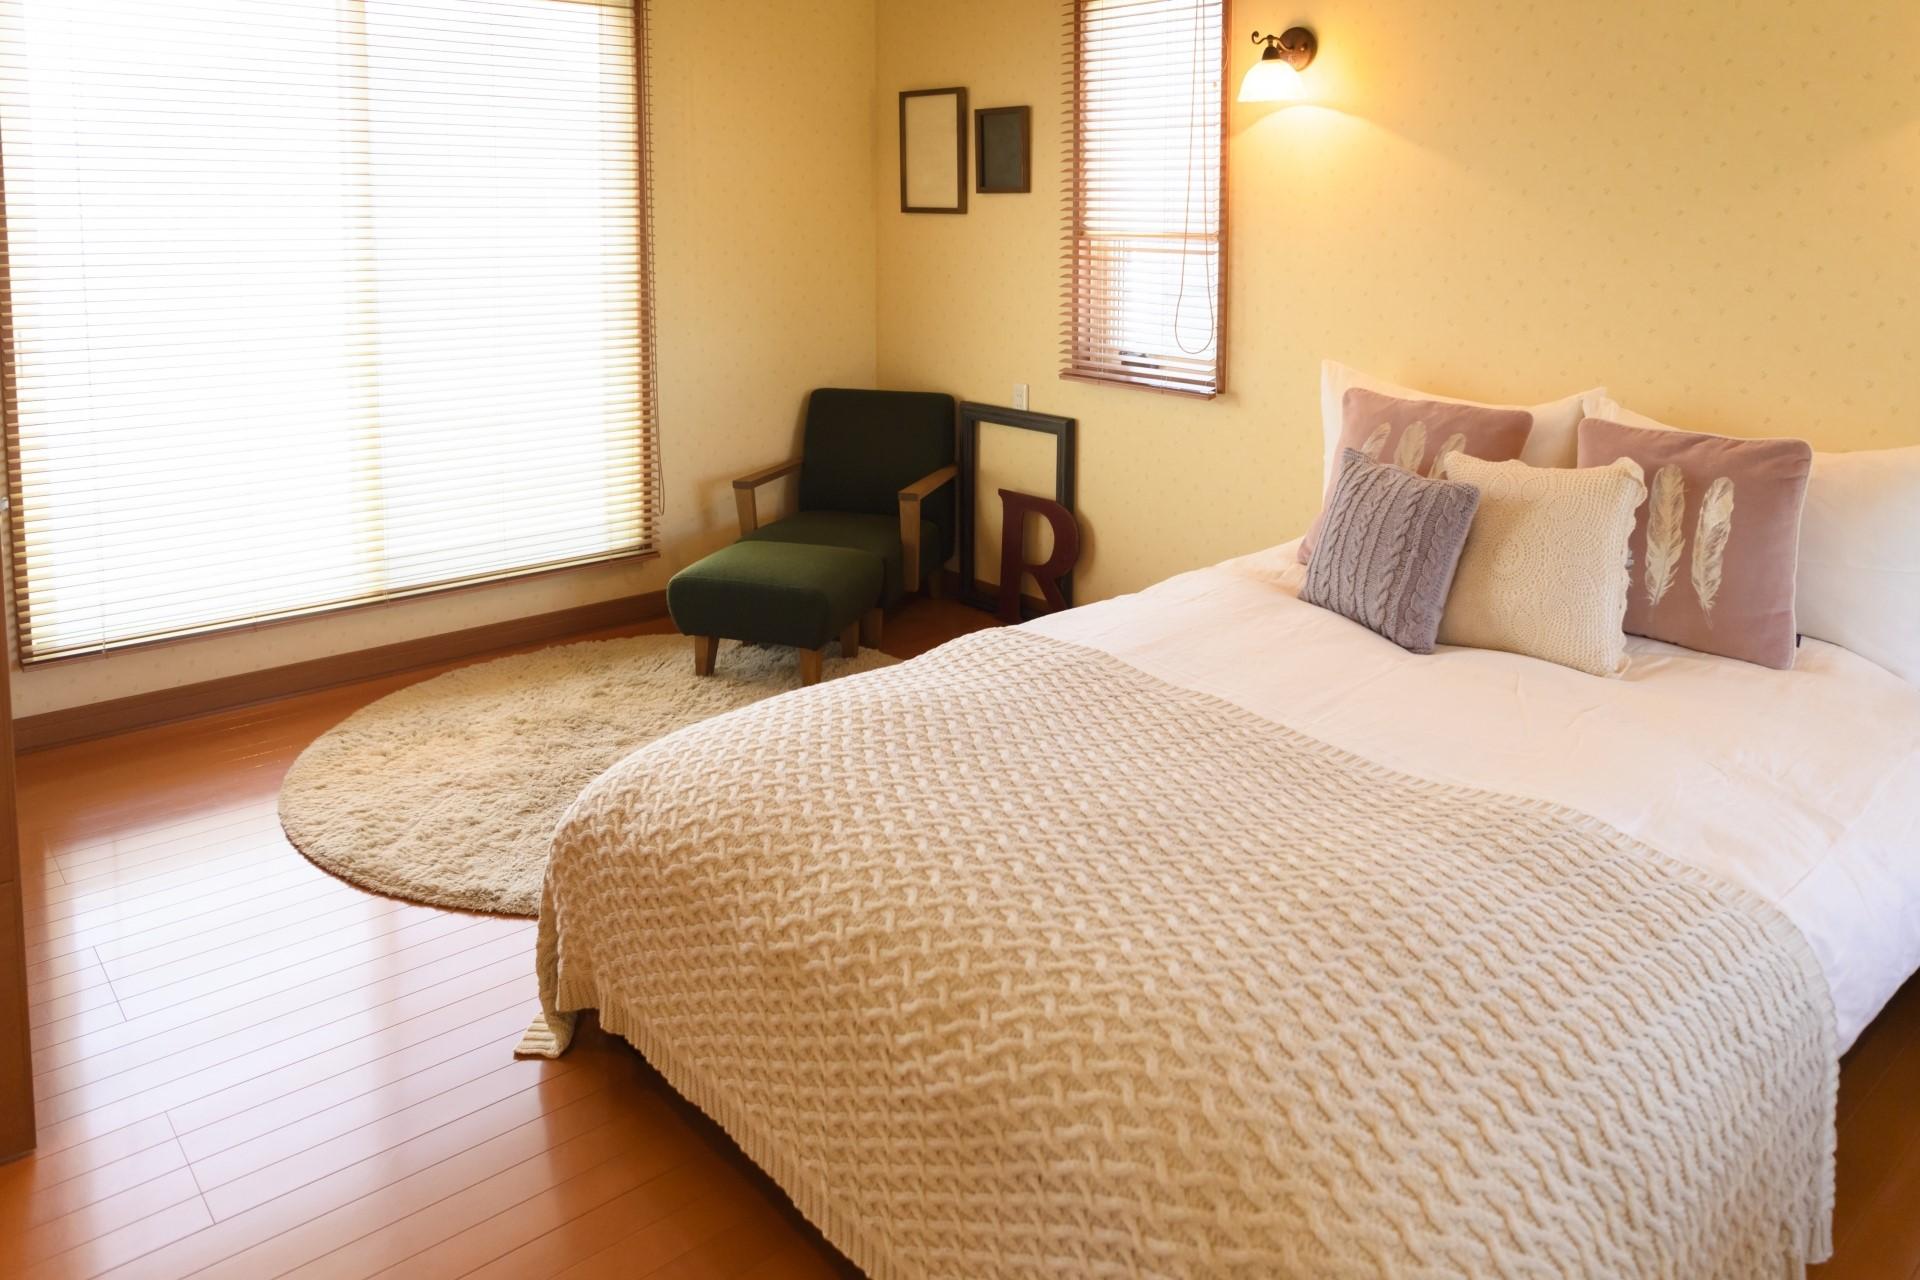 【寝室カビ予防法】…ベッドの周辺は湿気のたまり場